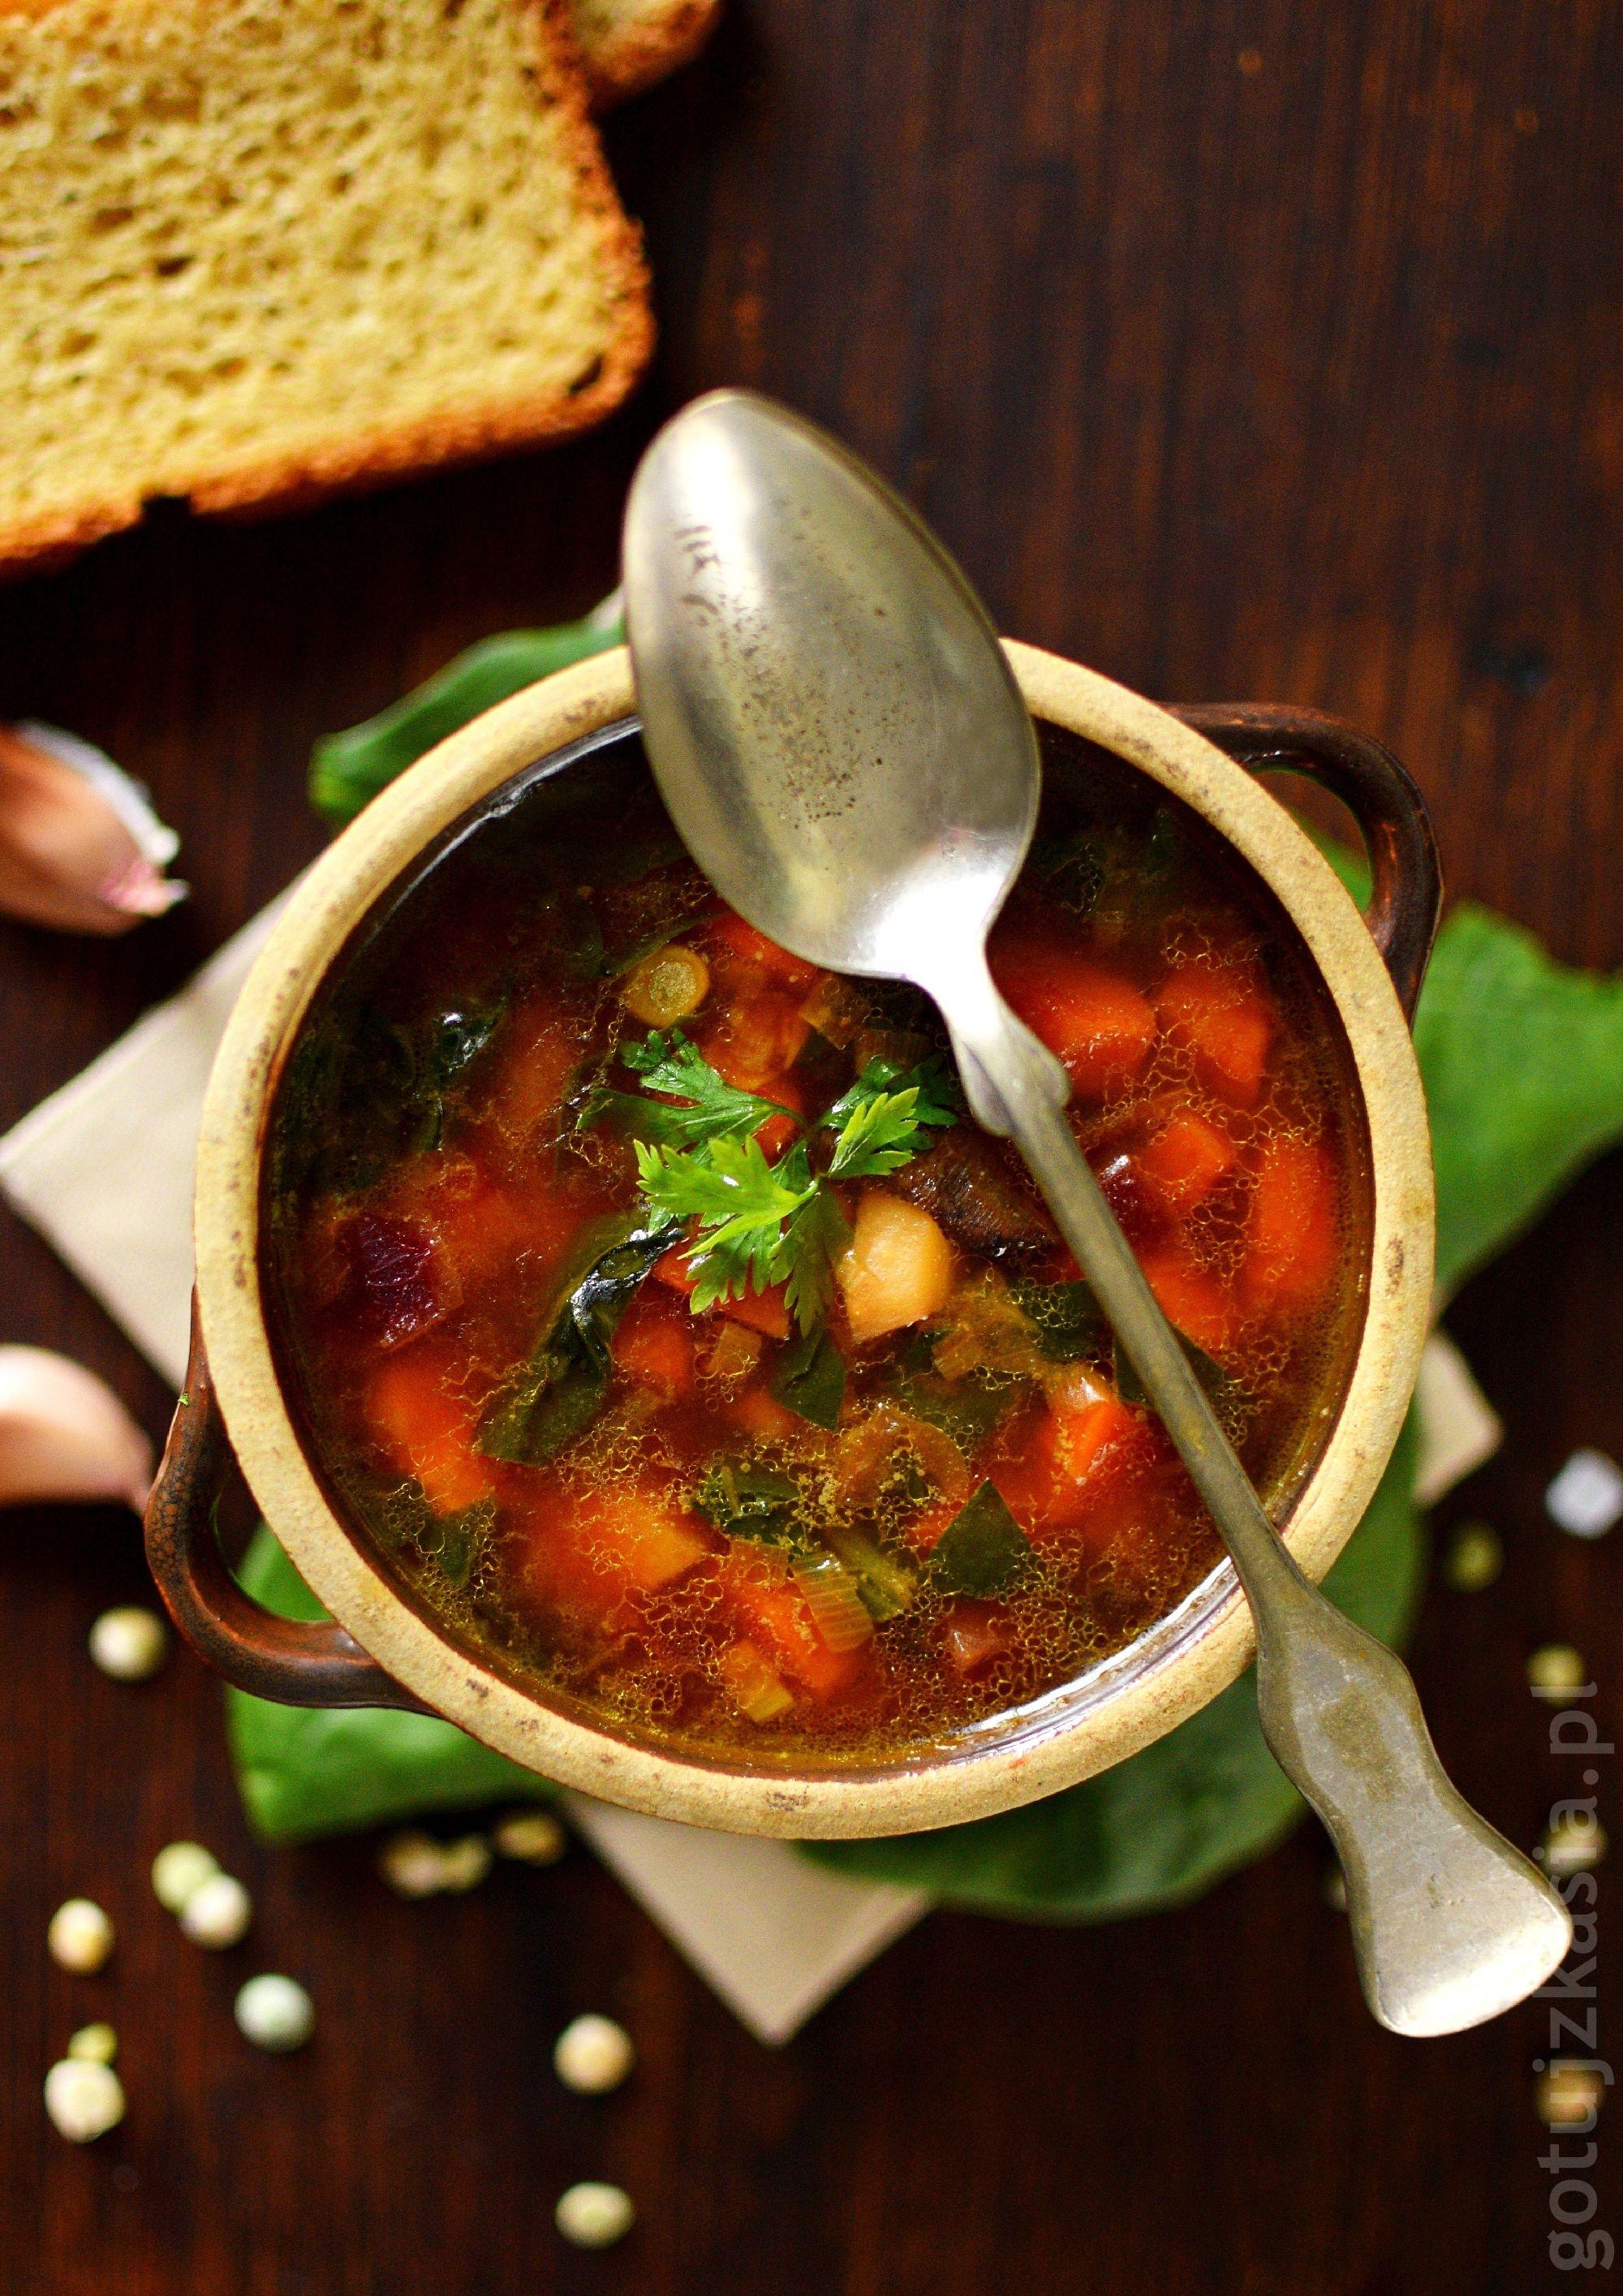 jesienna zupa 1